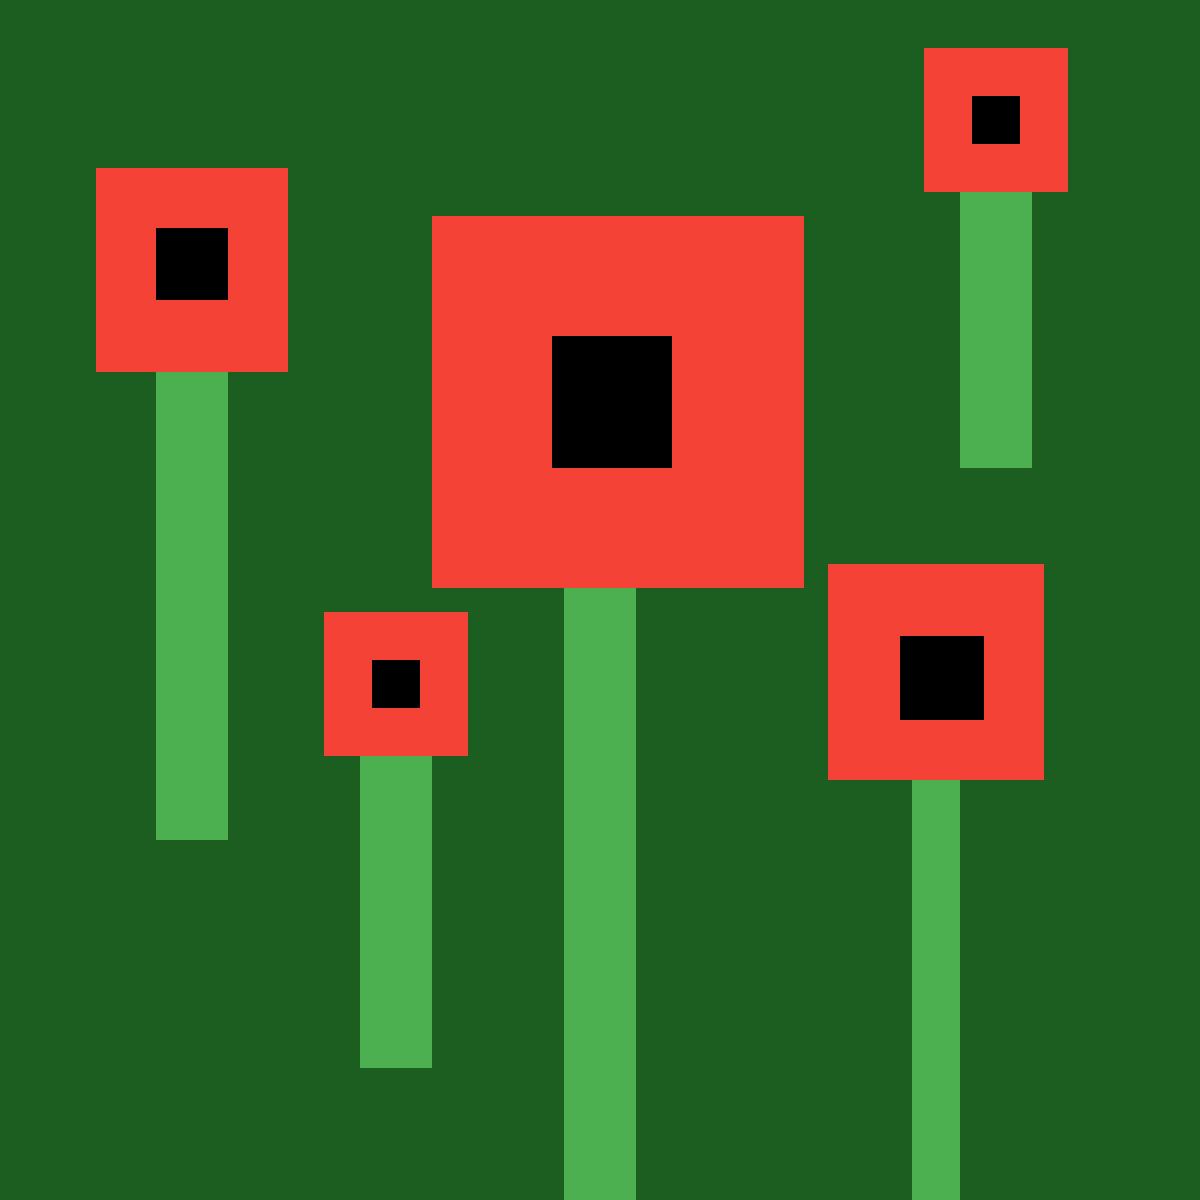 Poppy in flanders feilds by Oeza